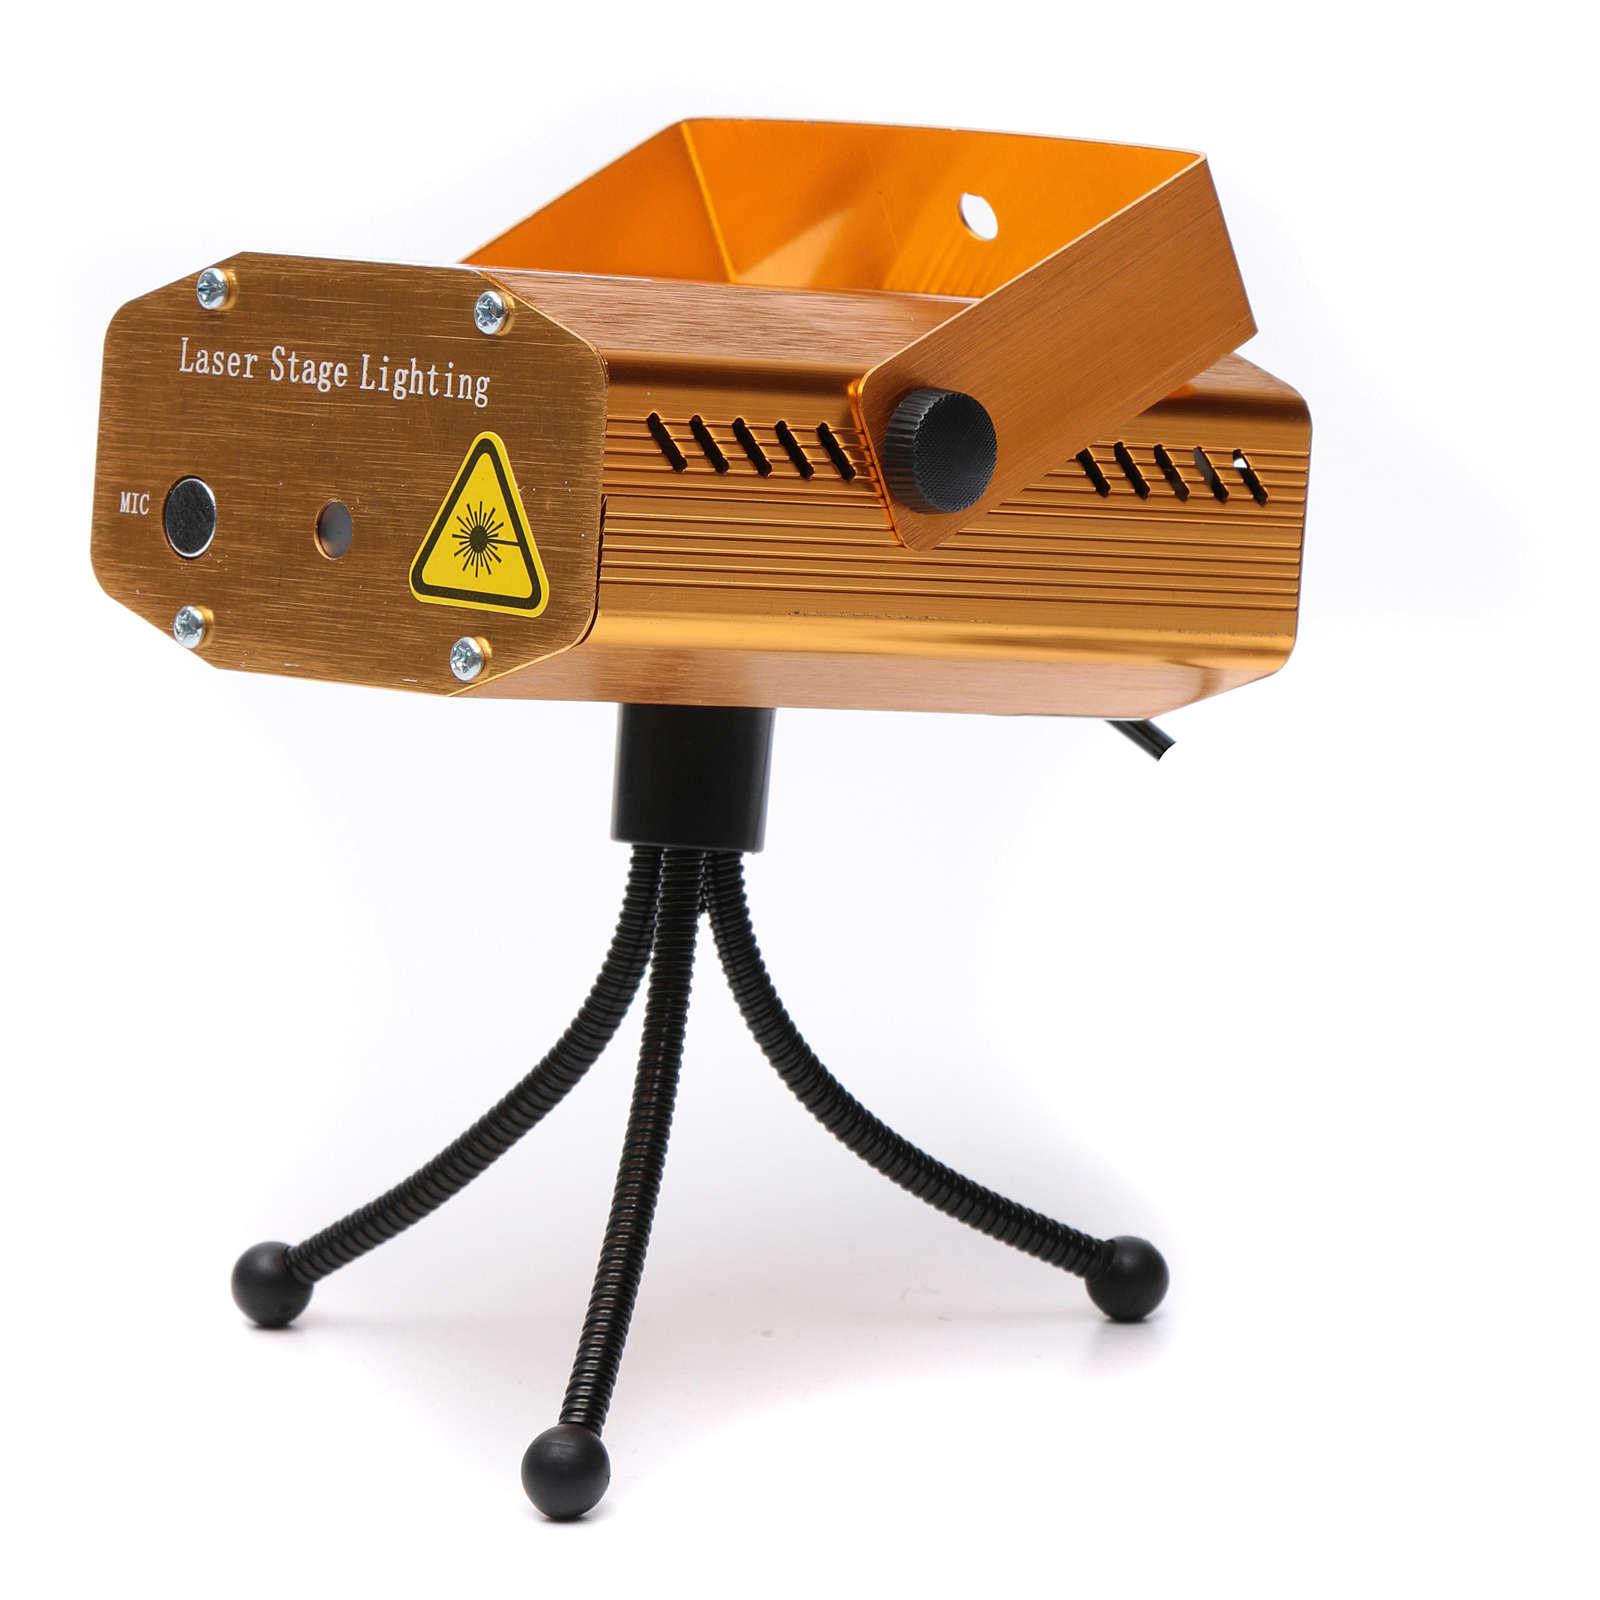 Projektor laserowy do wnętrz złoty motyw serc i gwiazd czerwony zielony z funkcją Music 3